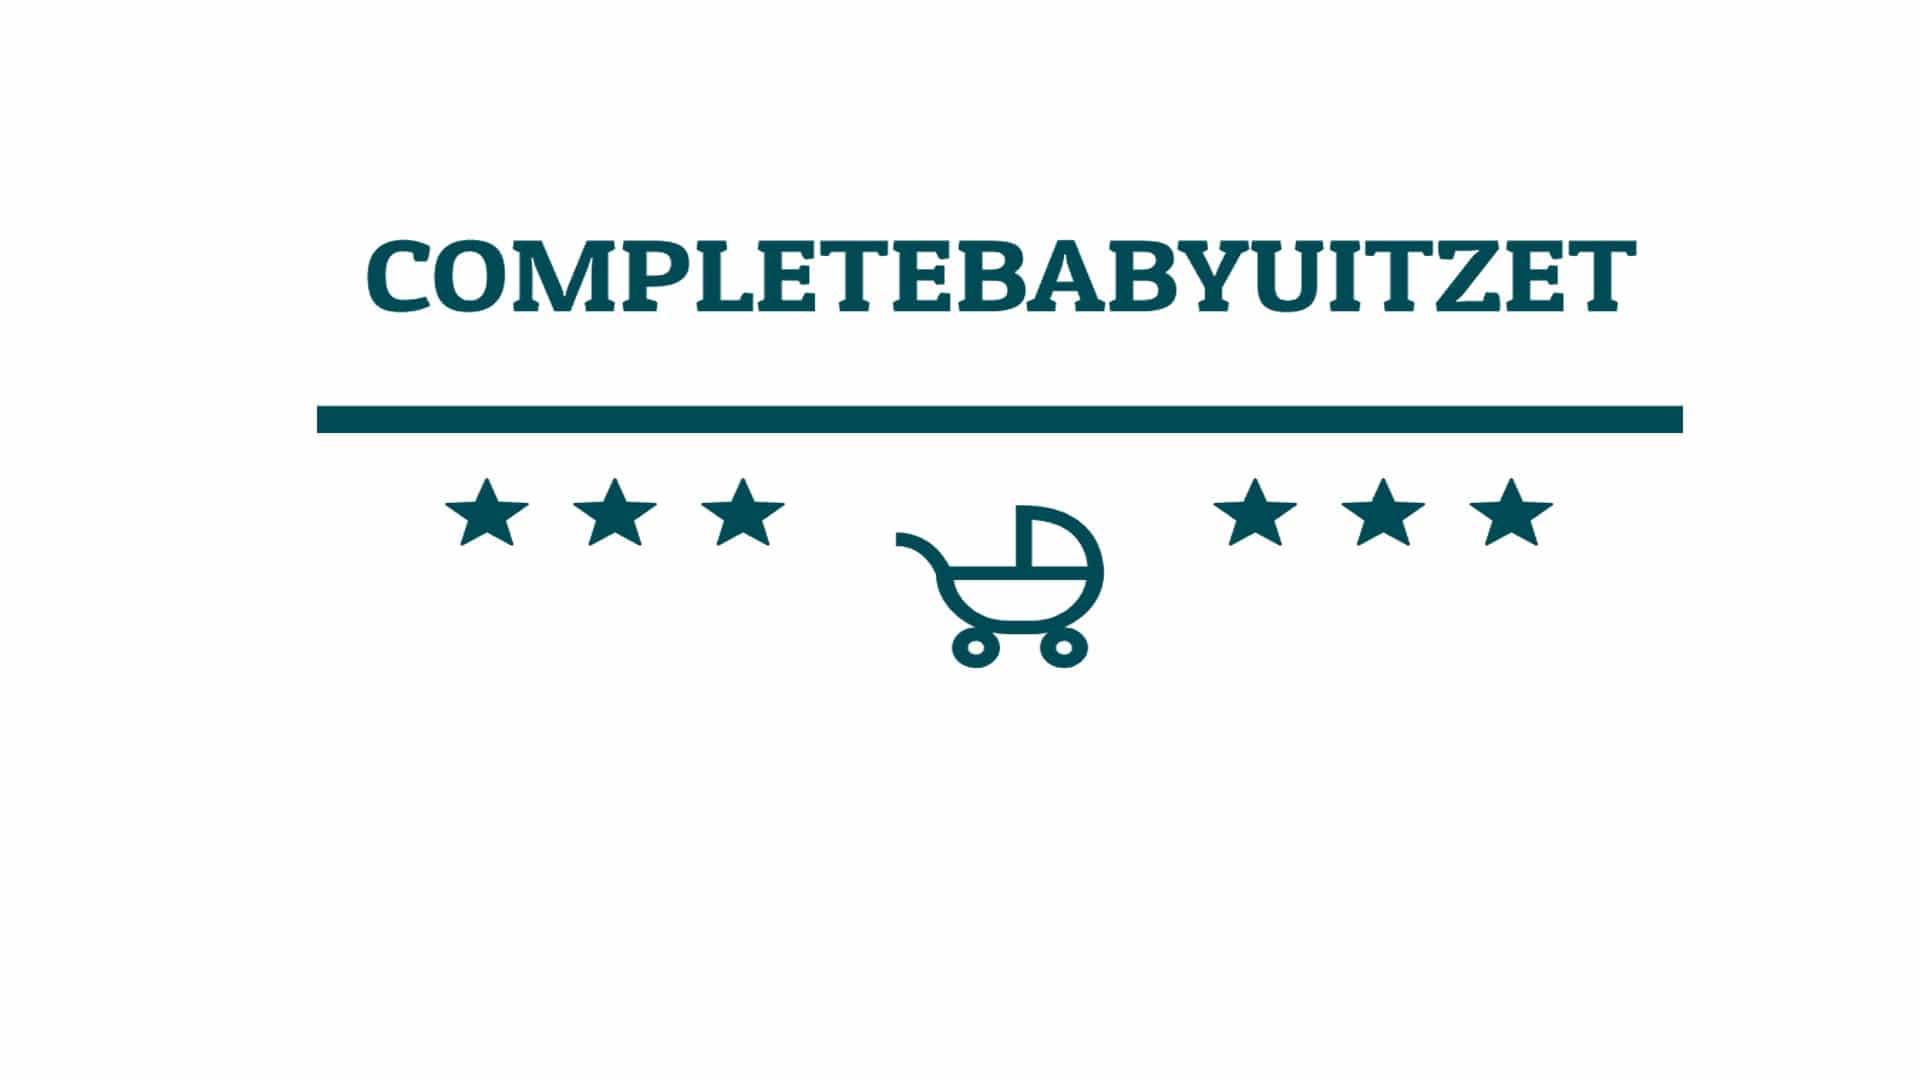 complete babyuitzet